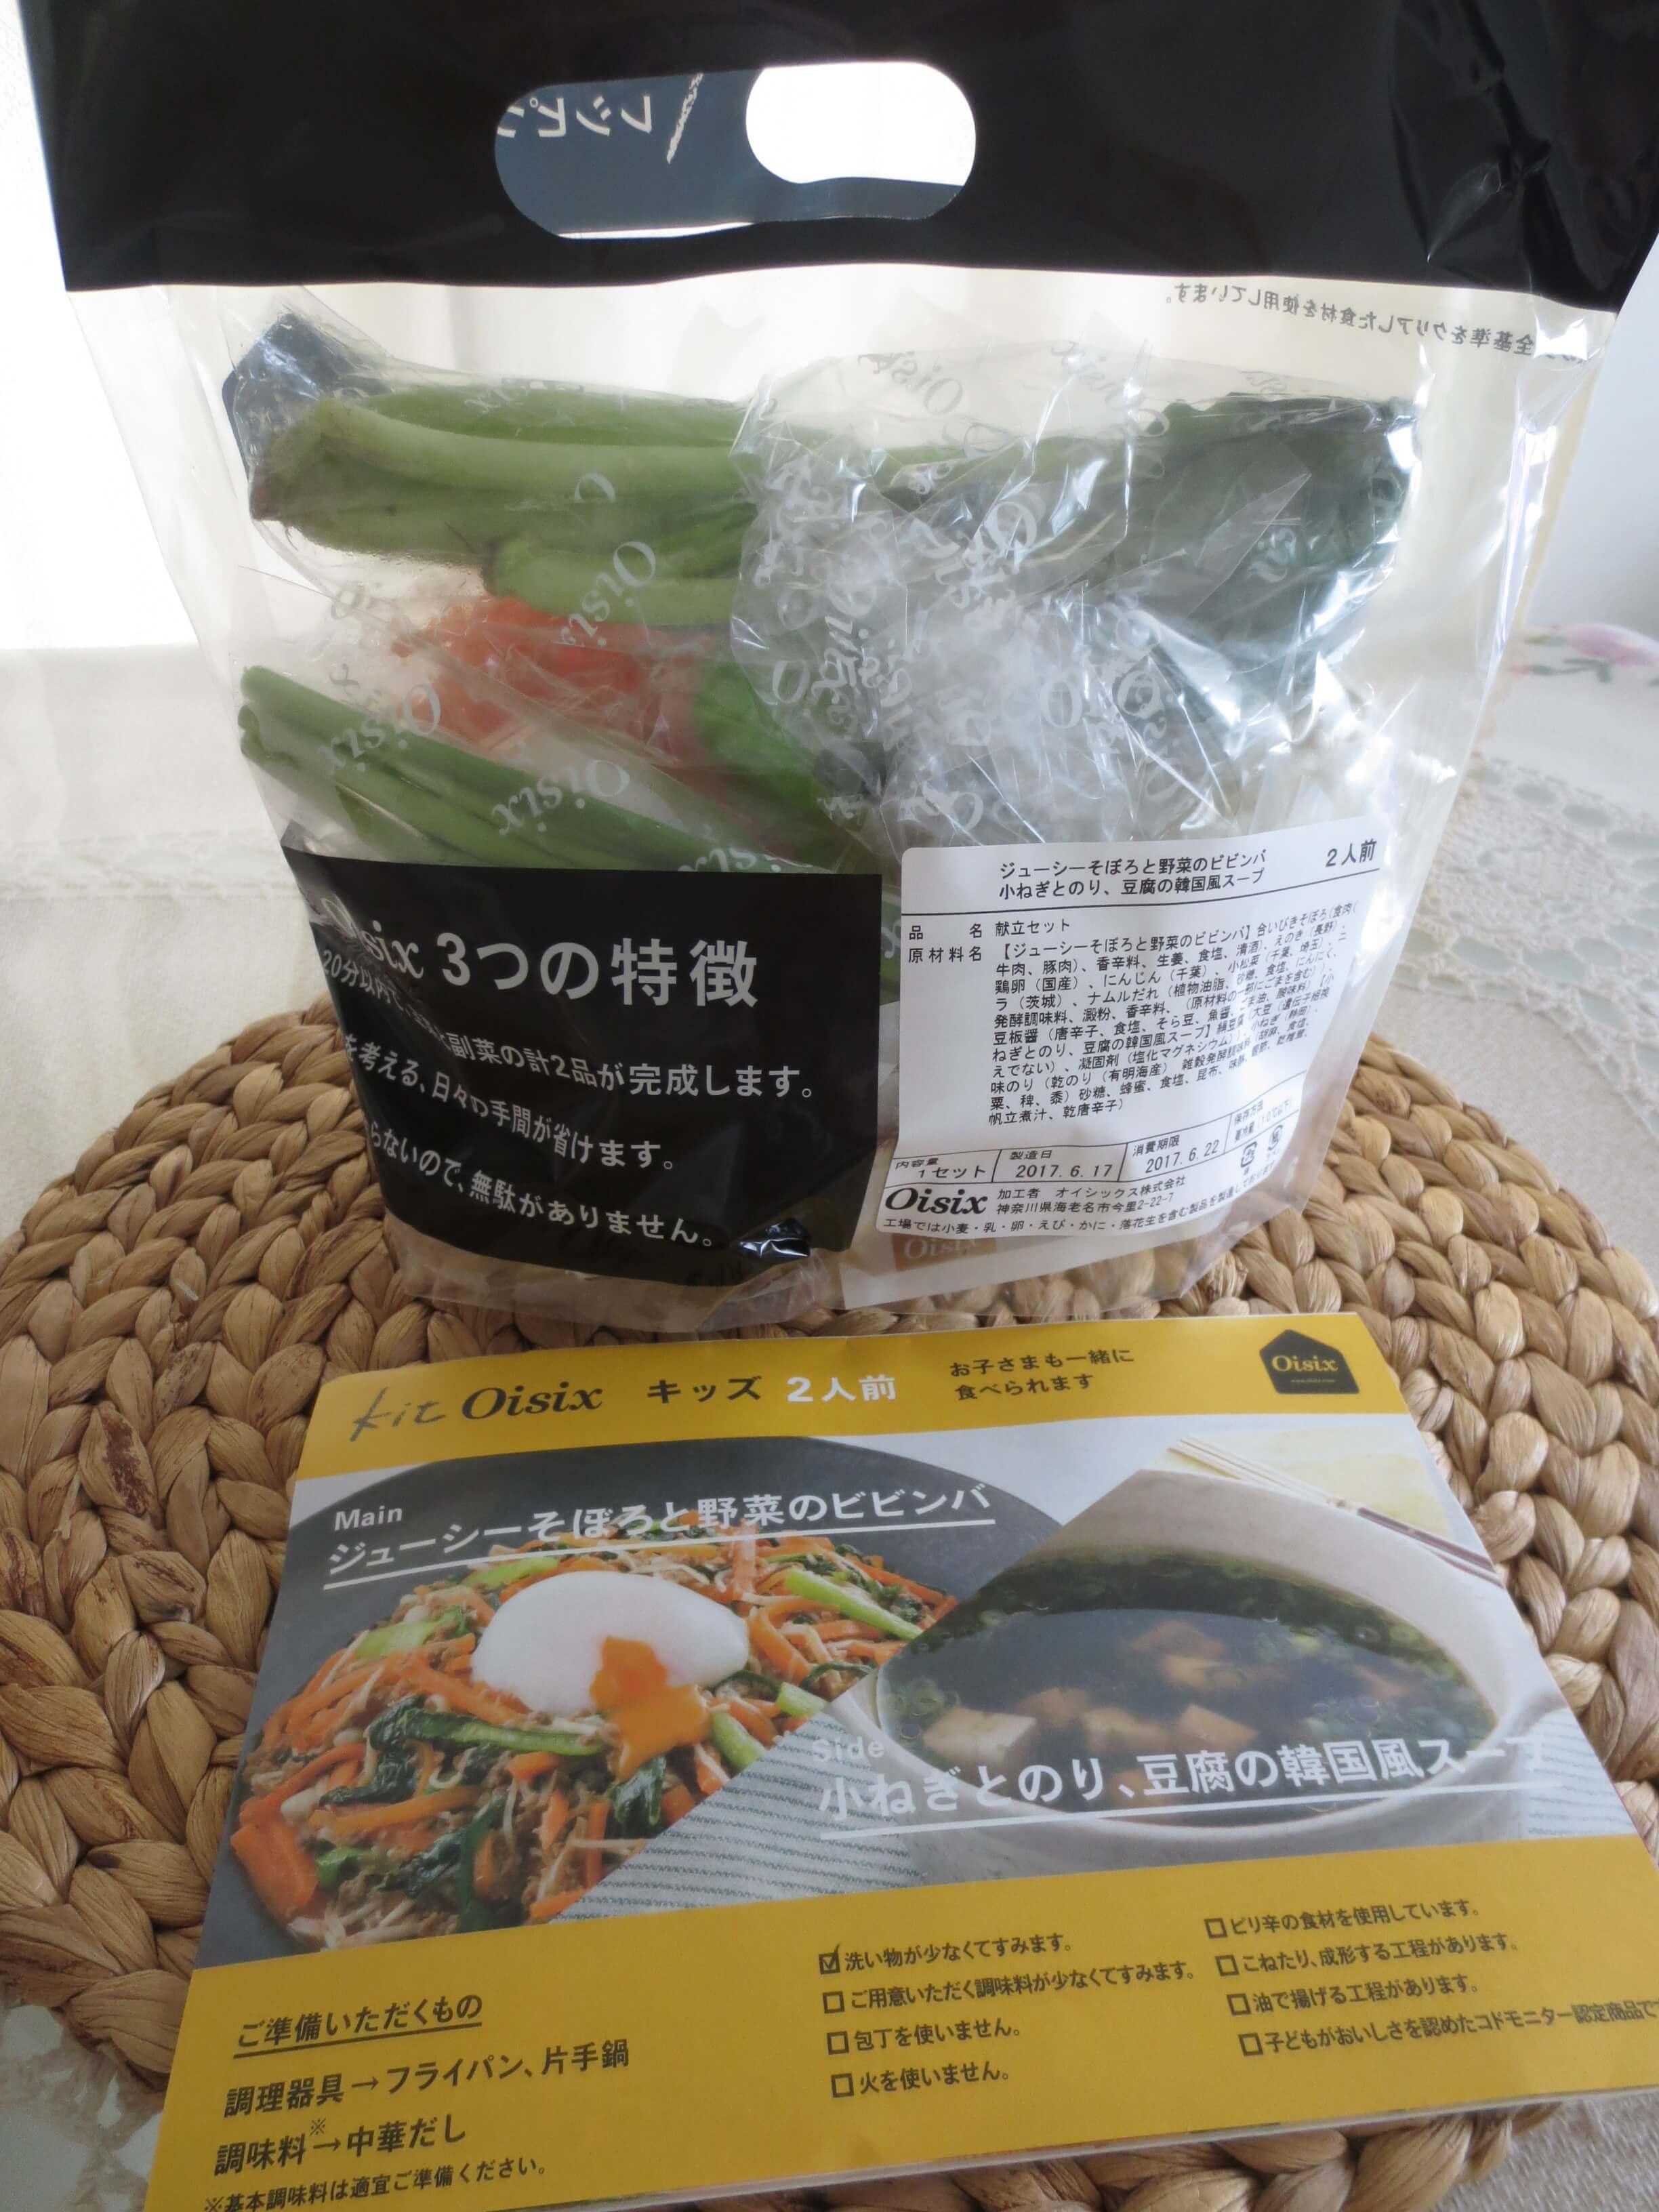 おいしっくす宅配野菜お試しセット59